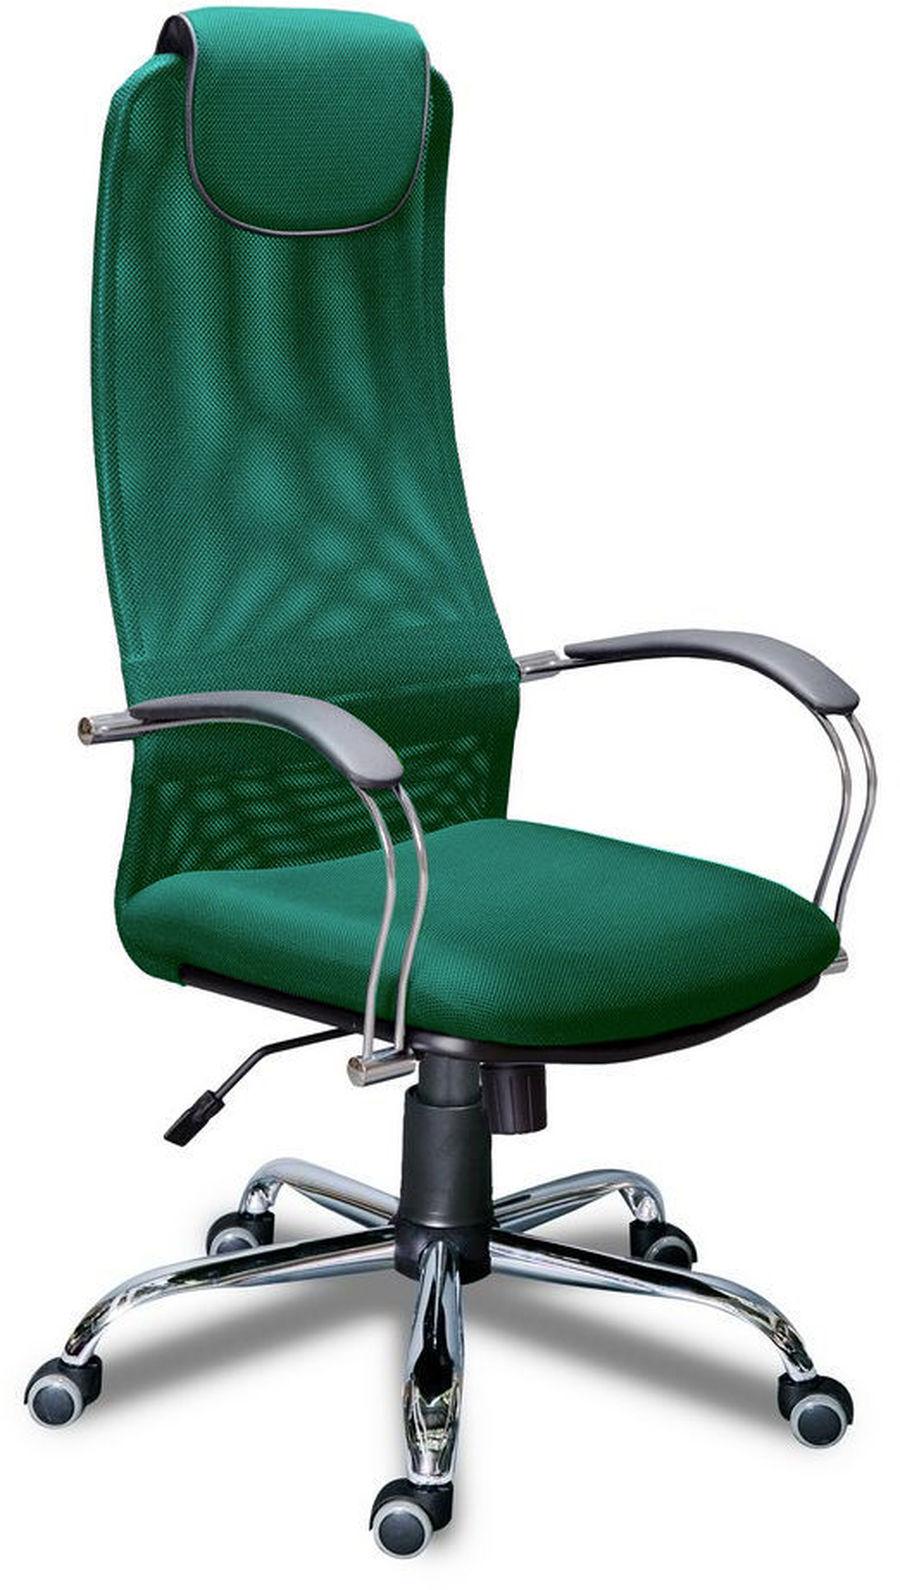 Компьютерное кресло Фокс хром/Ткань сетка зеленая